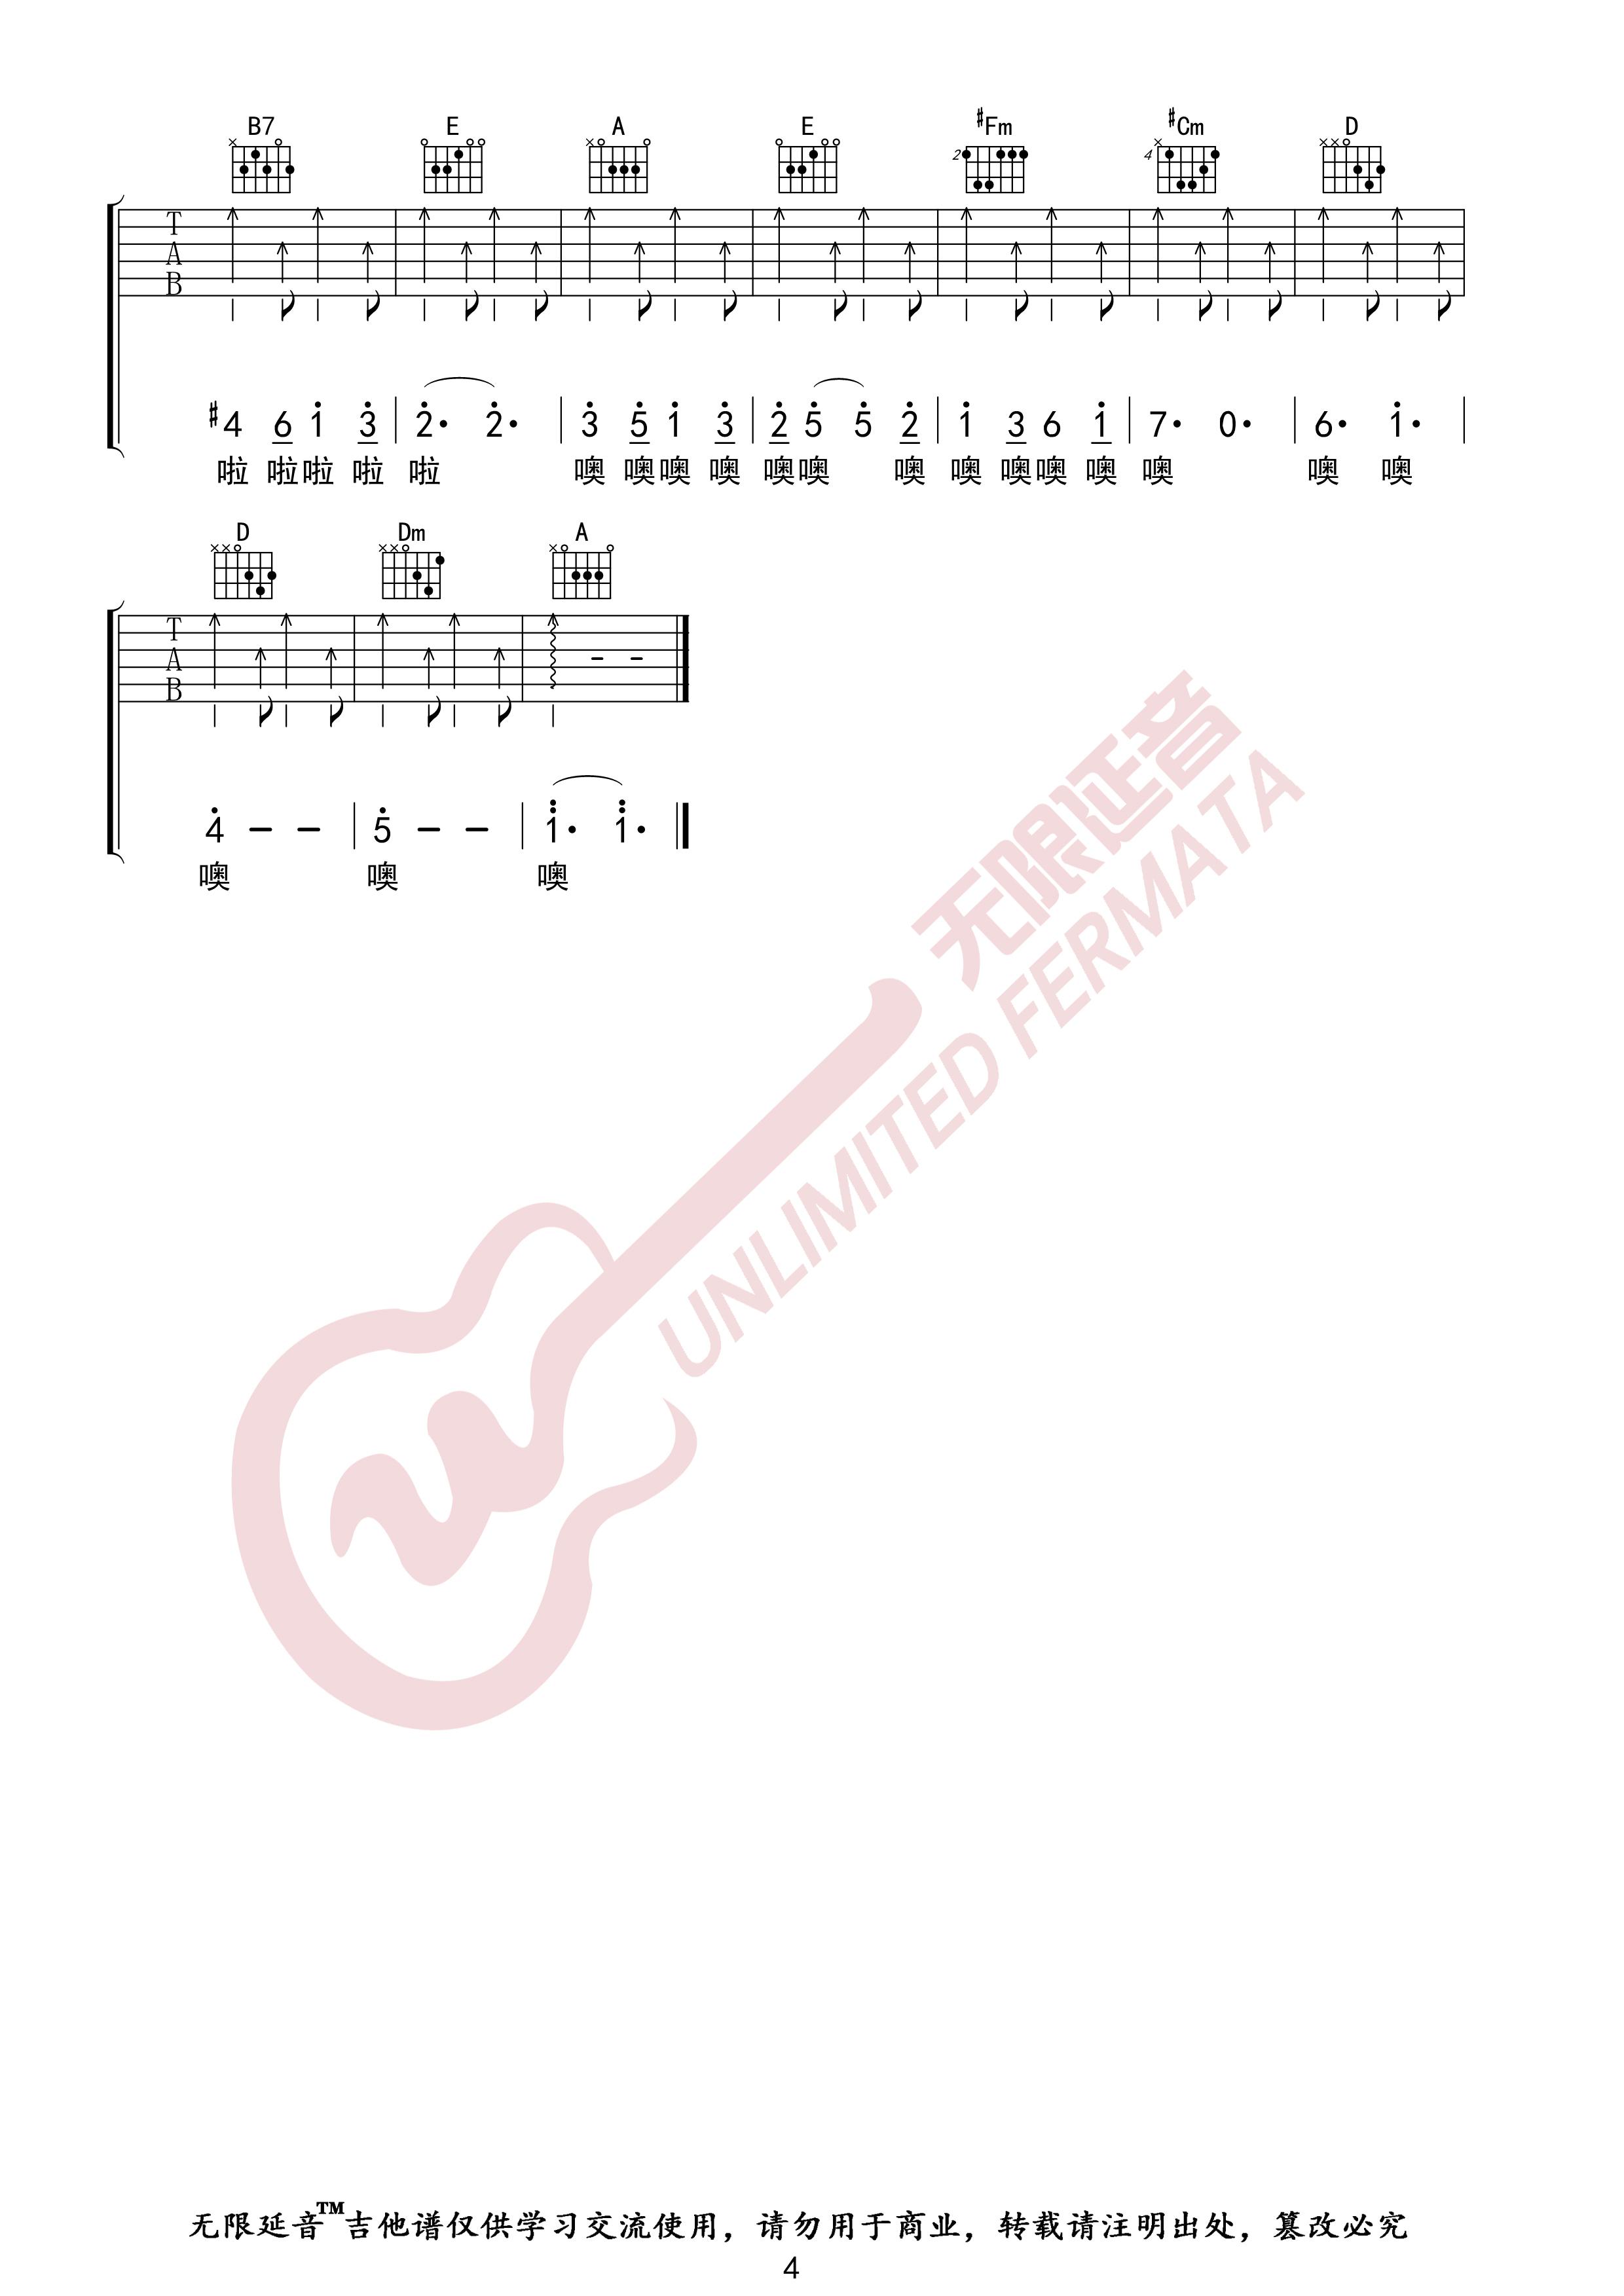 如果有来生(无限延音编配)吉他谱(图片谱,无限延音编配,弹唱)_谭维维_如果有来生04.jpg